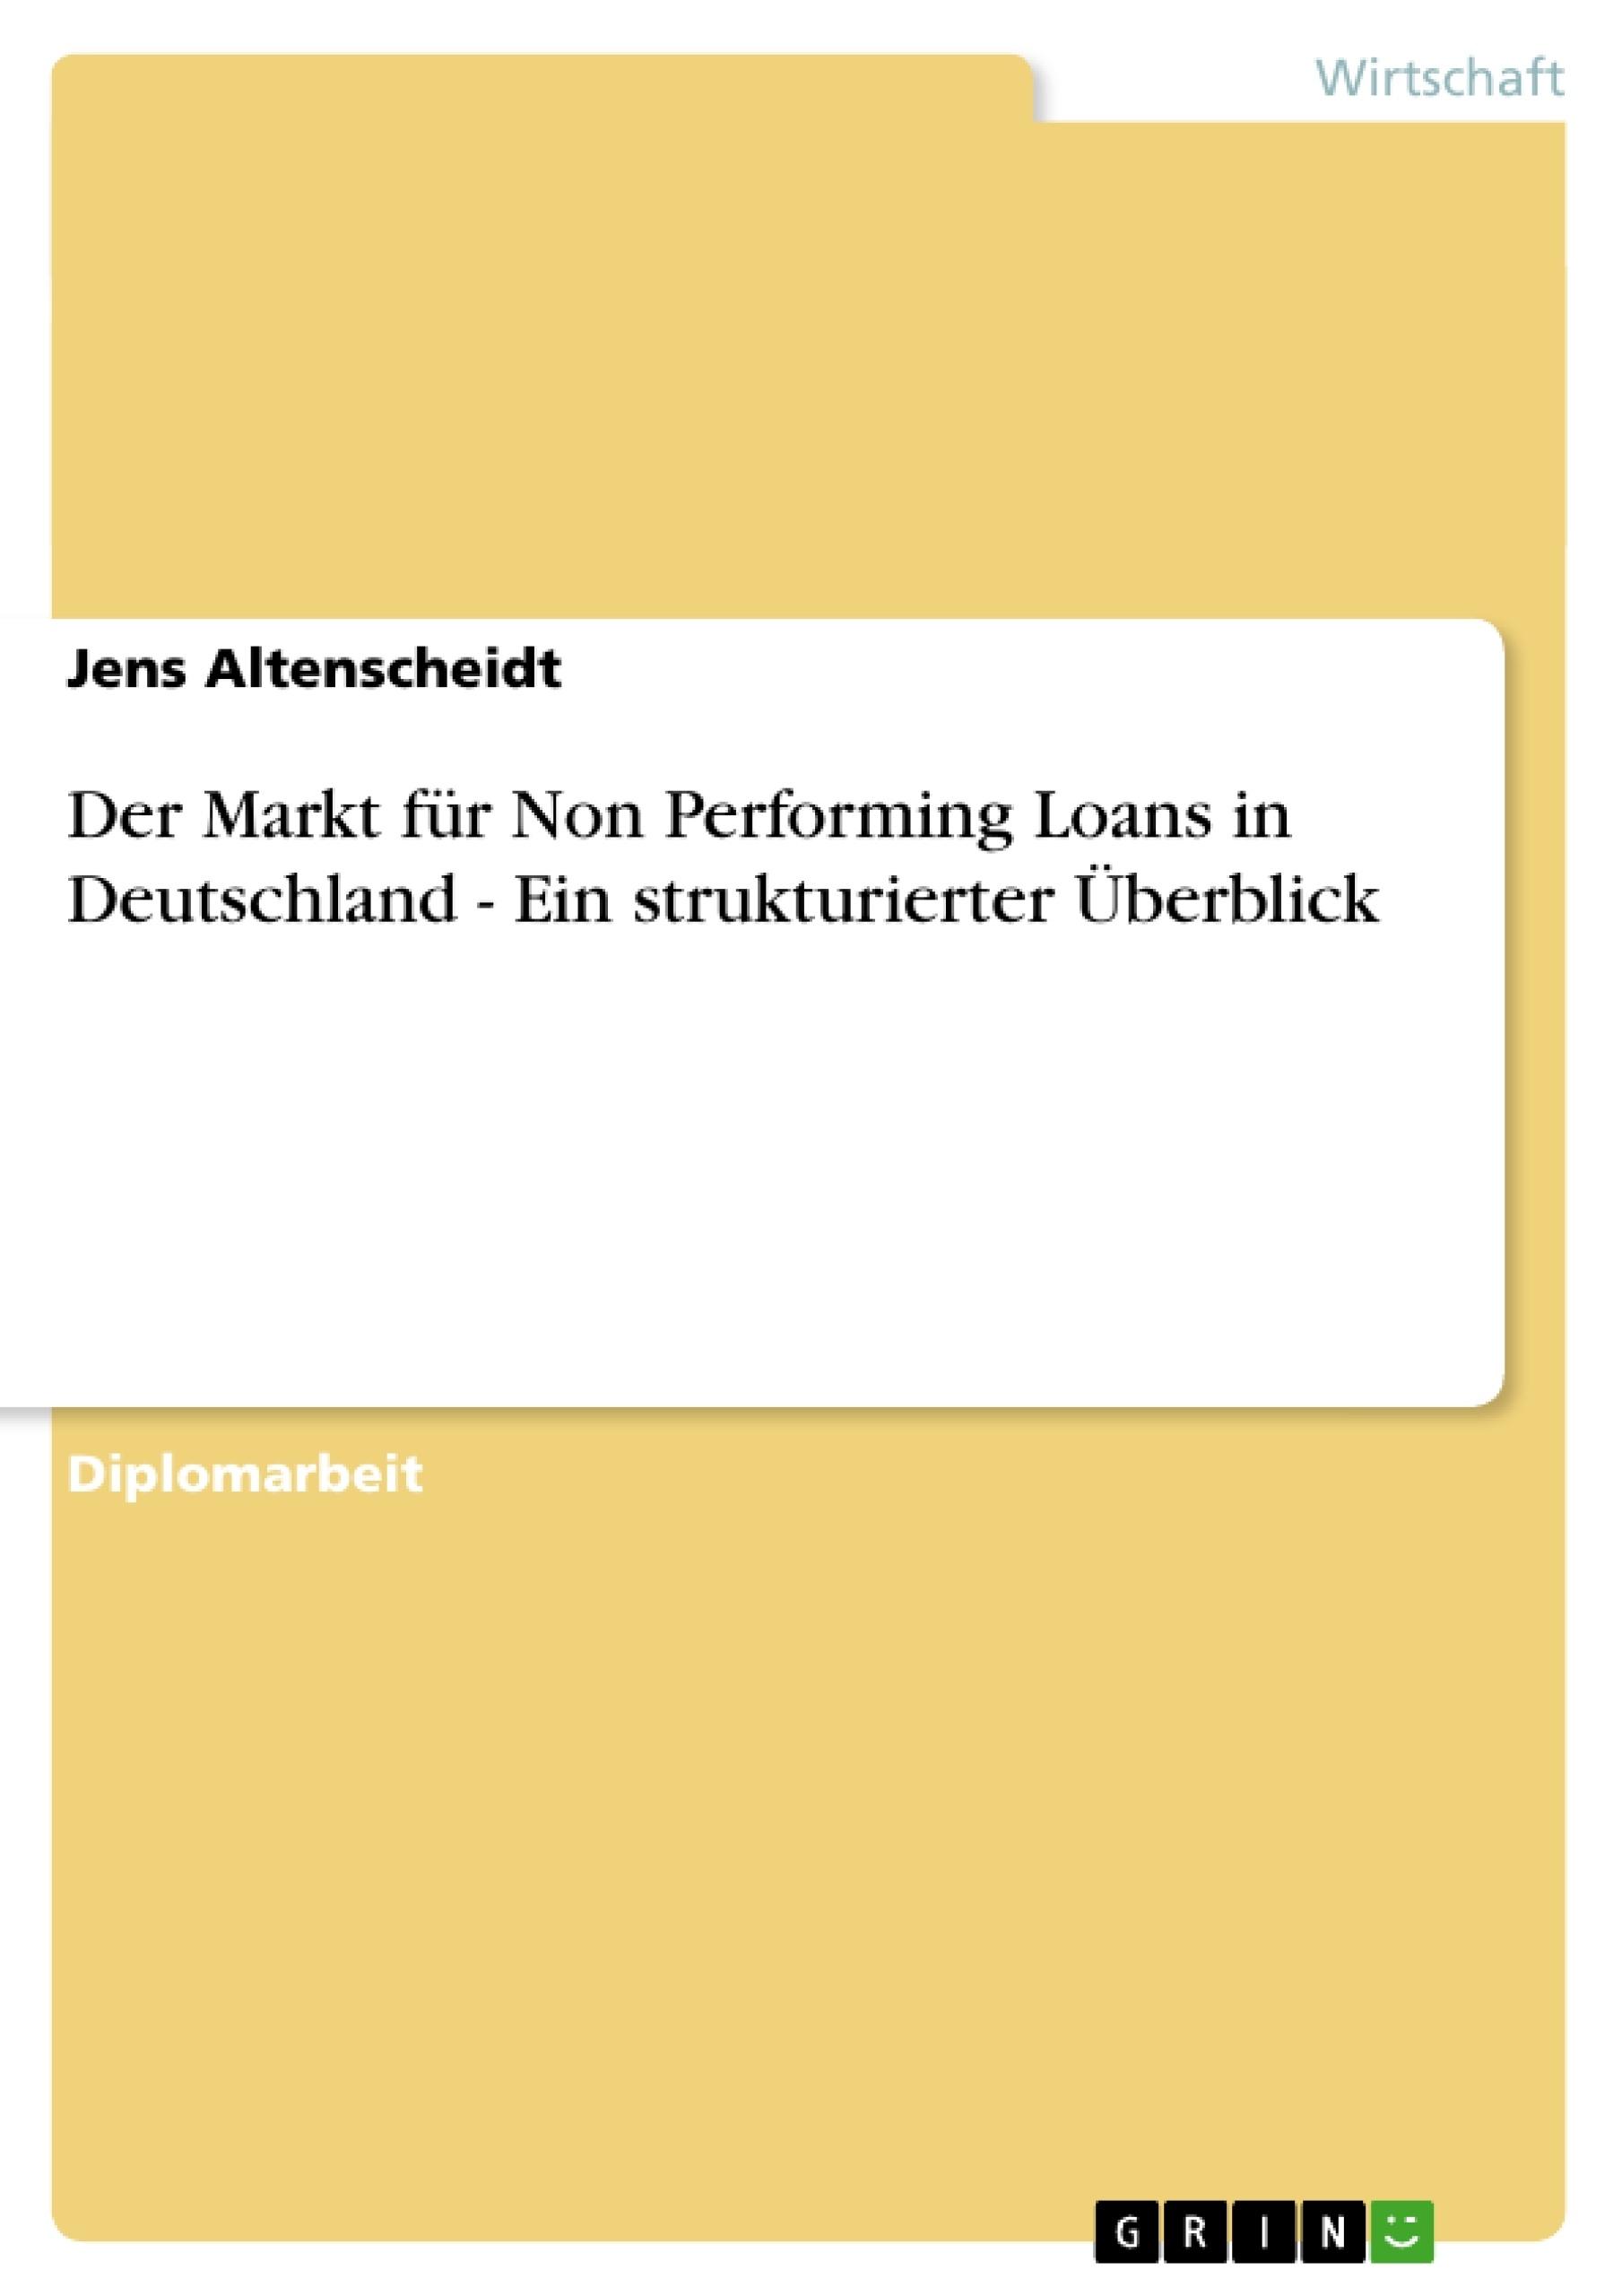 Titel: Der Markt für Non Performing Loans in Deutschland - Ein strukturierter Überblick